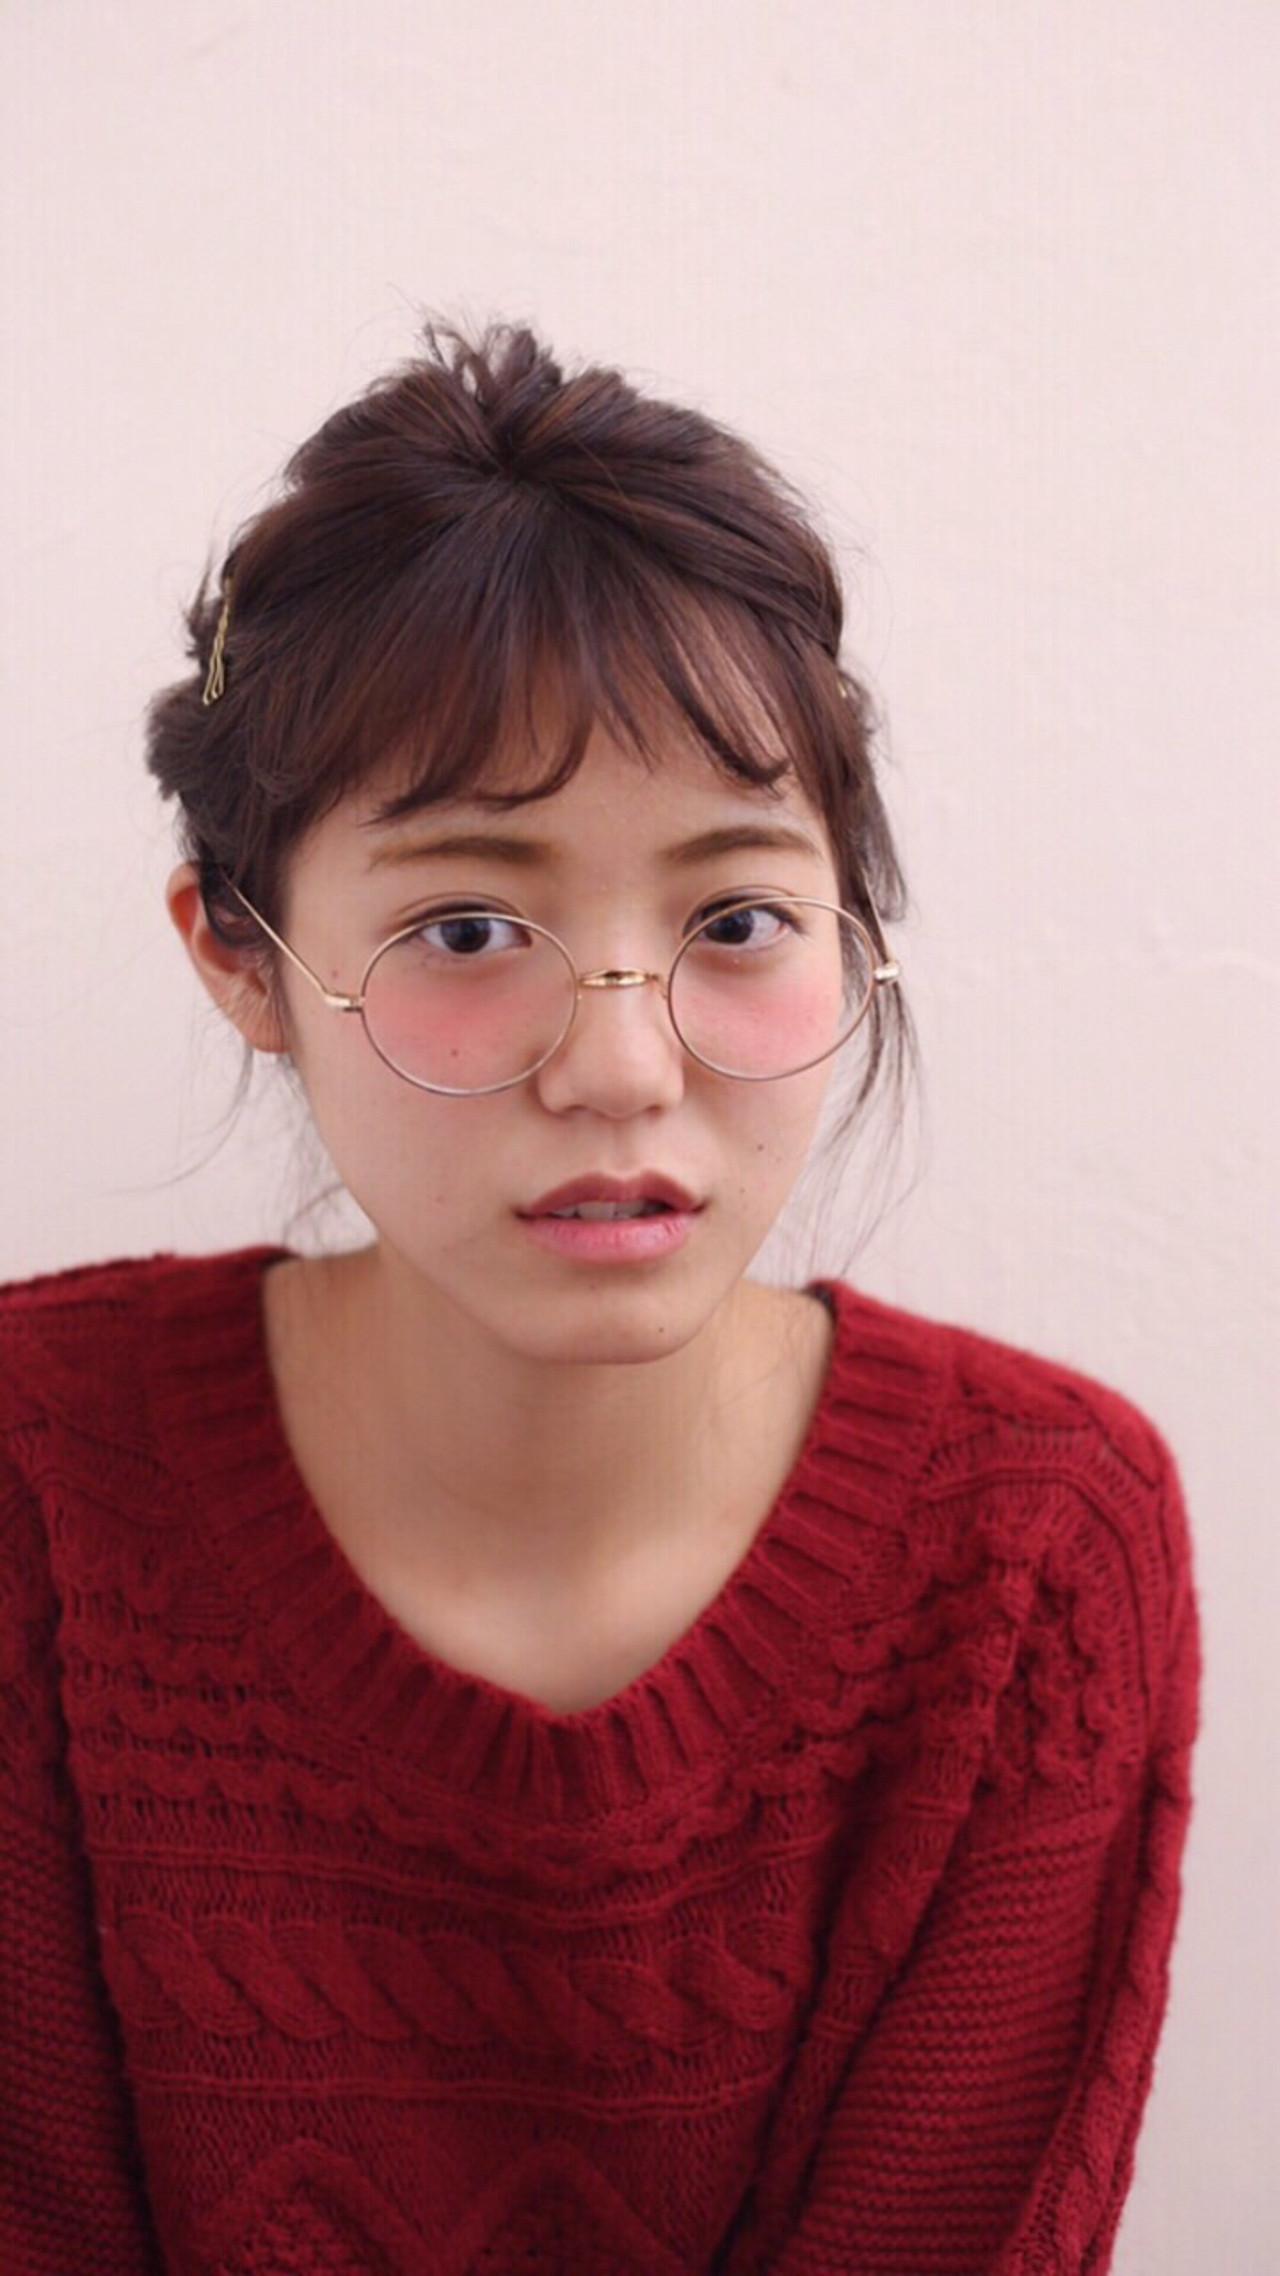 前髪あり ストリート 外国人風 ショート ヘアスタイルや髪型の写真・画像 | 坂本圭太朗 / bado